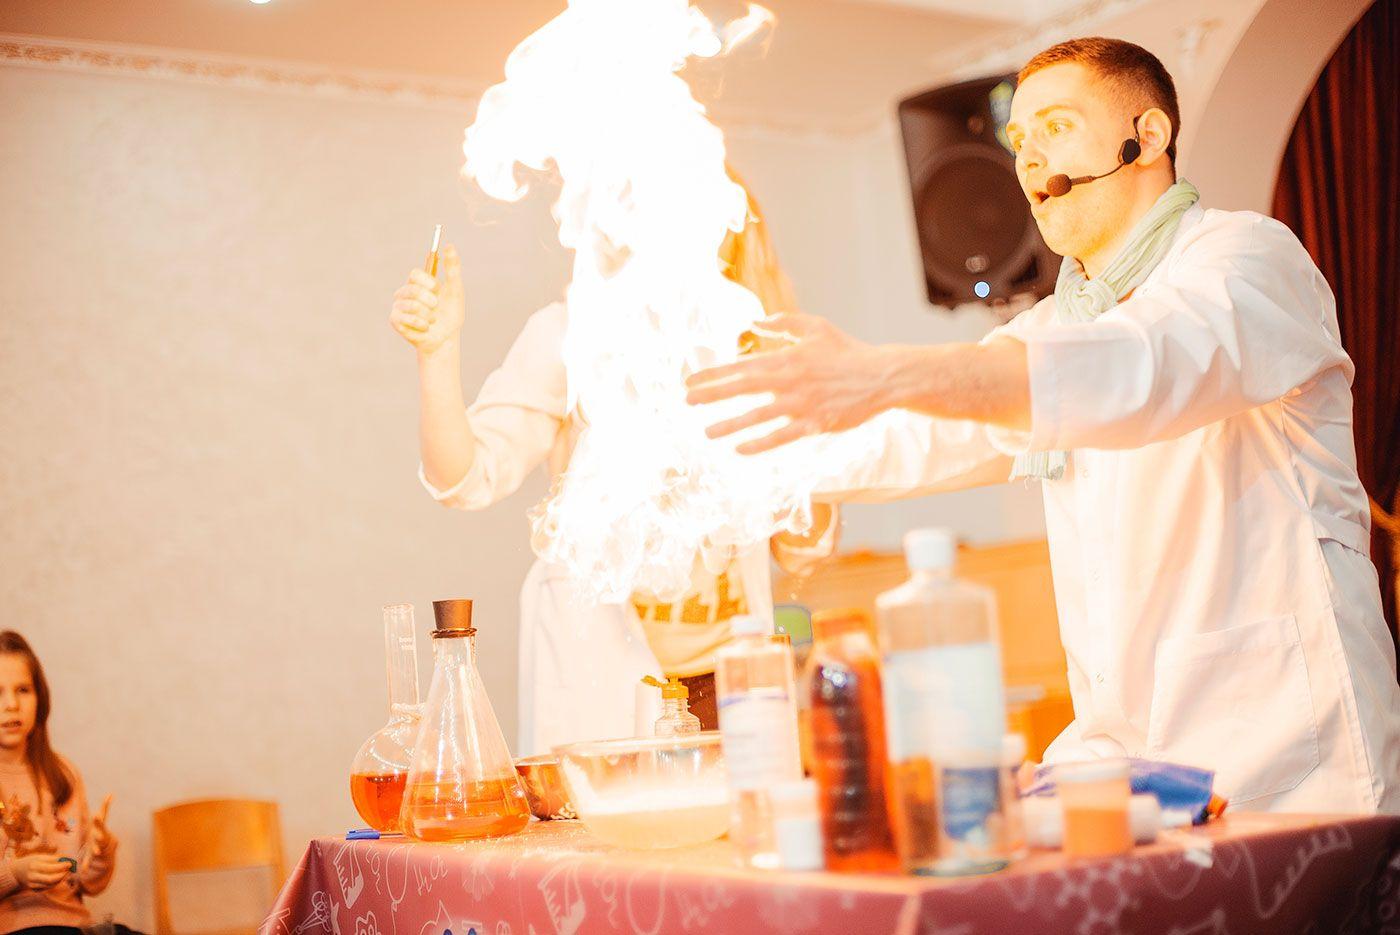 Премьера шоу-программы Химия огня 29 апреля в г. Запорожье